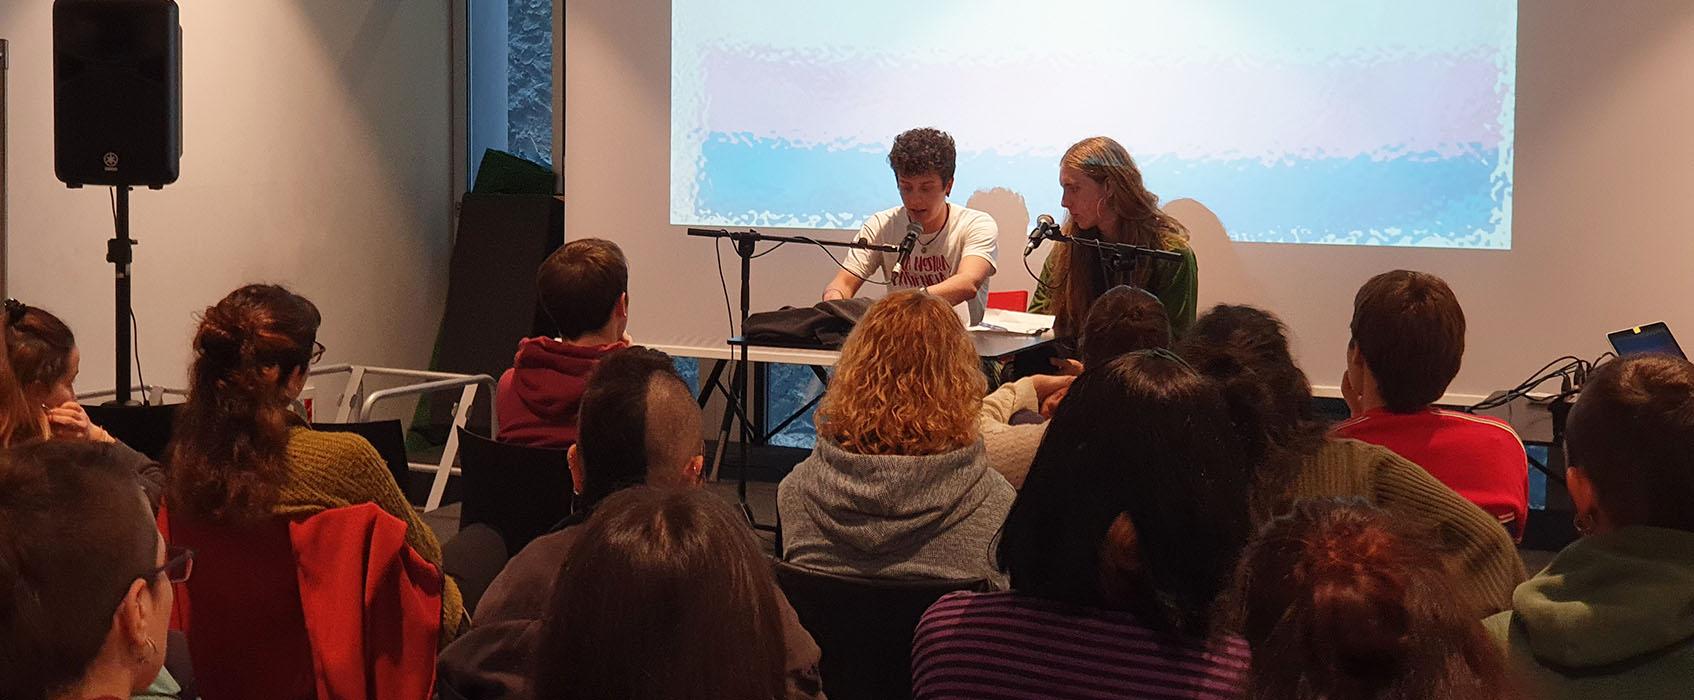 Fotografia on surten dues persones amb un micròfon al davant fent la ponència introductòria a les jornades. Veiem també unes quantes persones del públic.